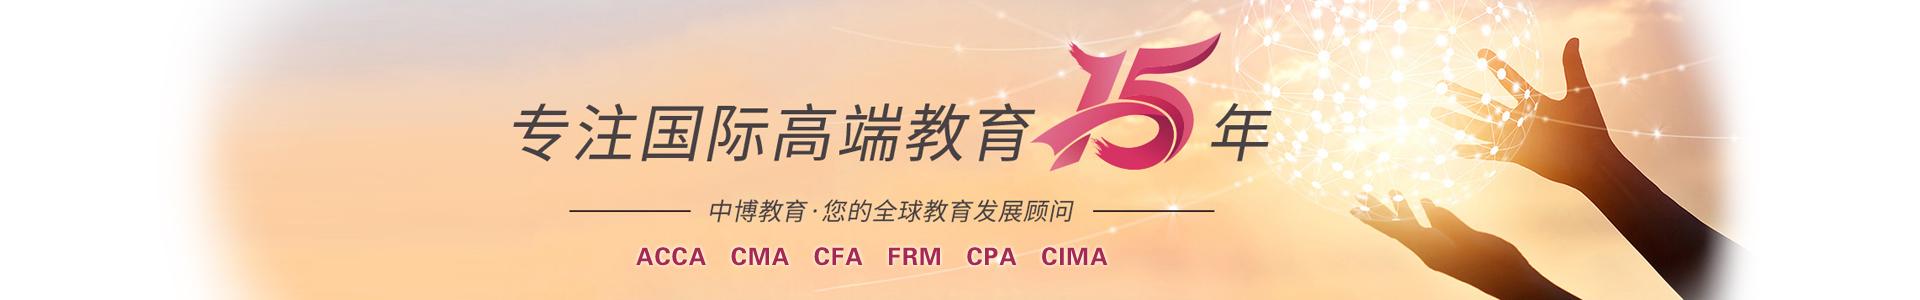 广州中博财经培训机构